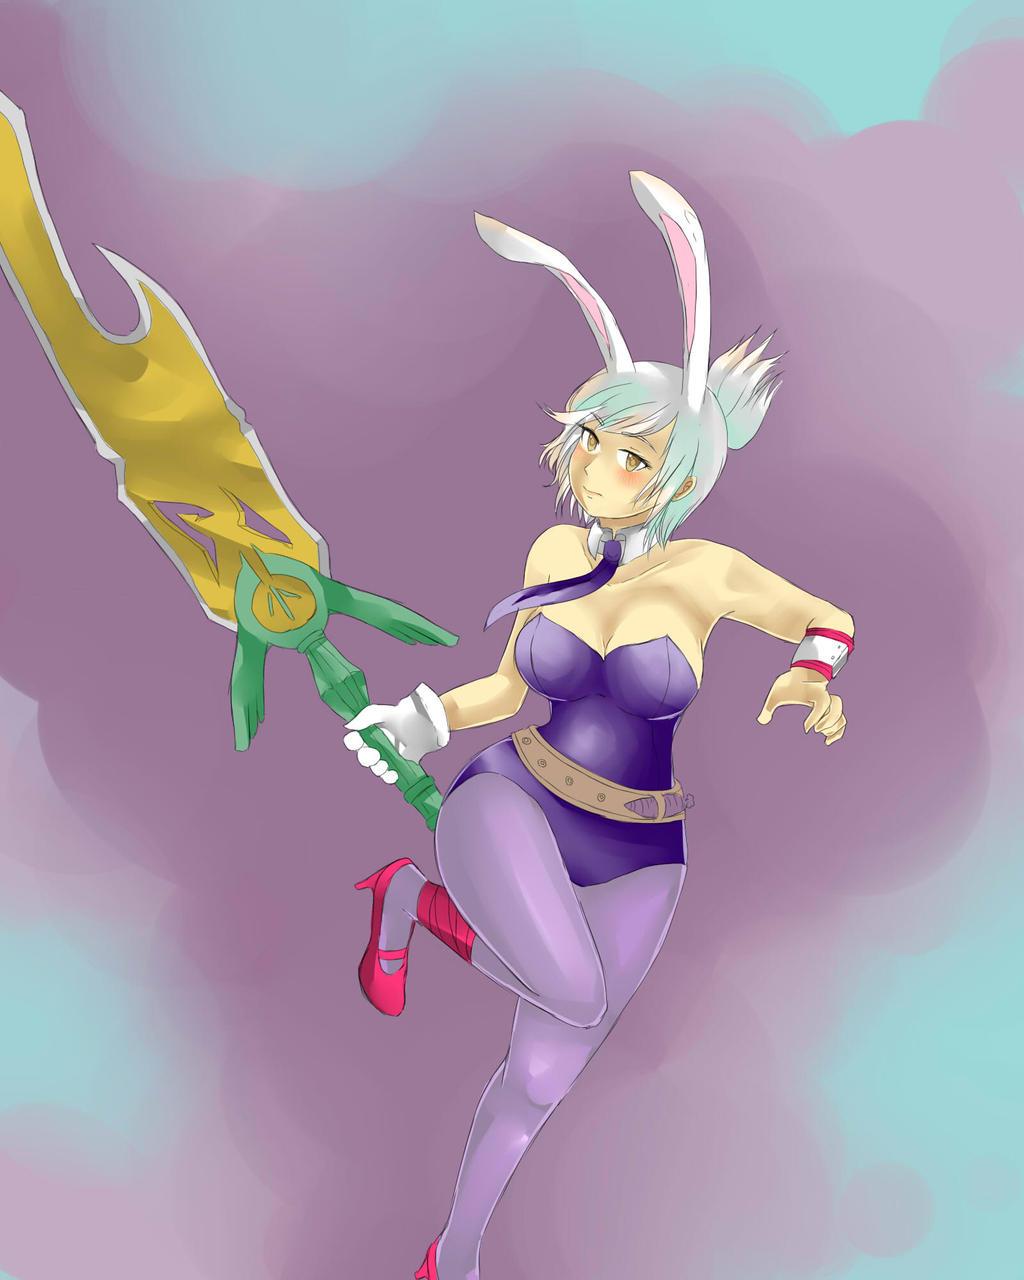 battle bunny riven by cipni watch fan art digital art drawings games ...Bunny Riven Fan Art